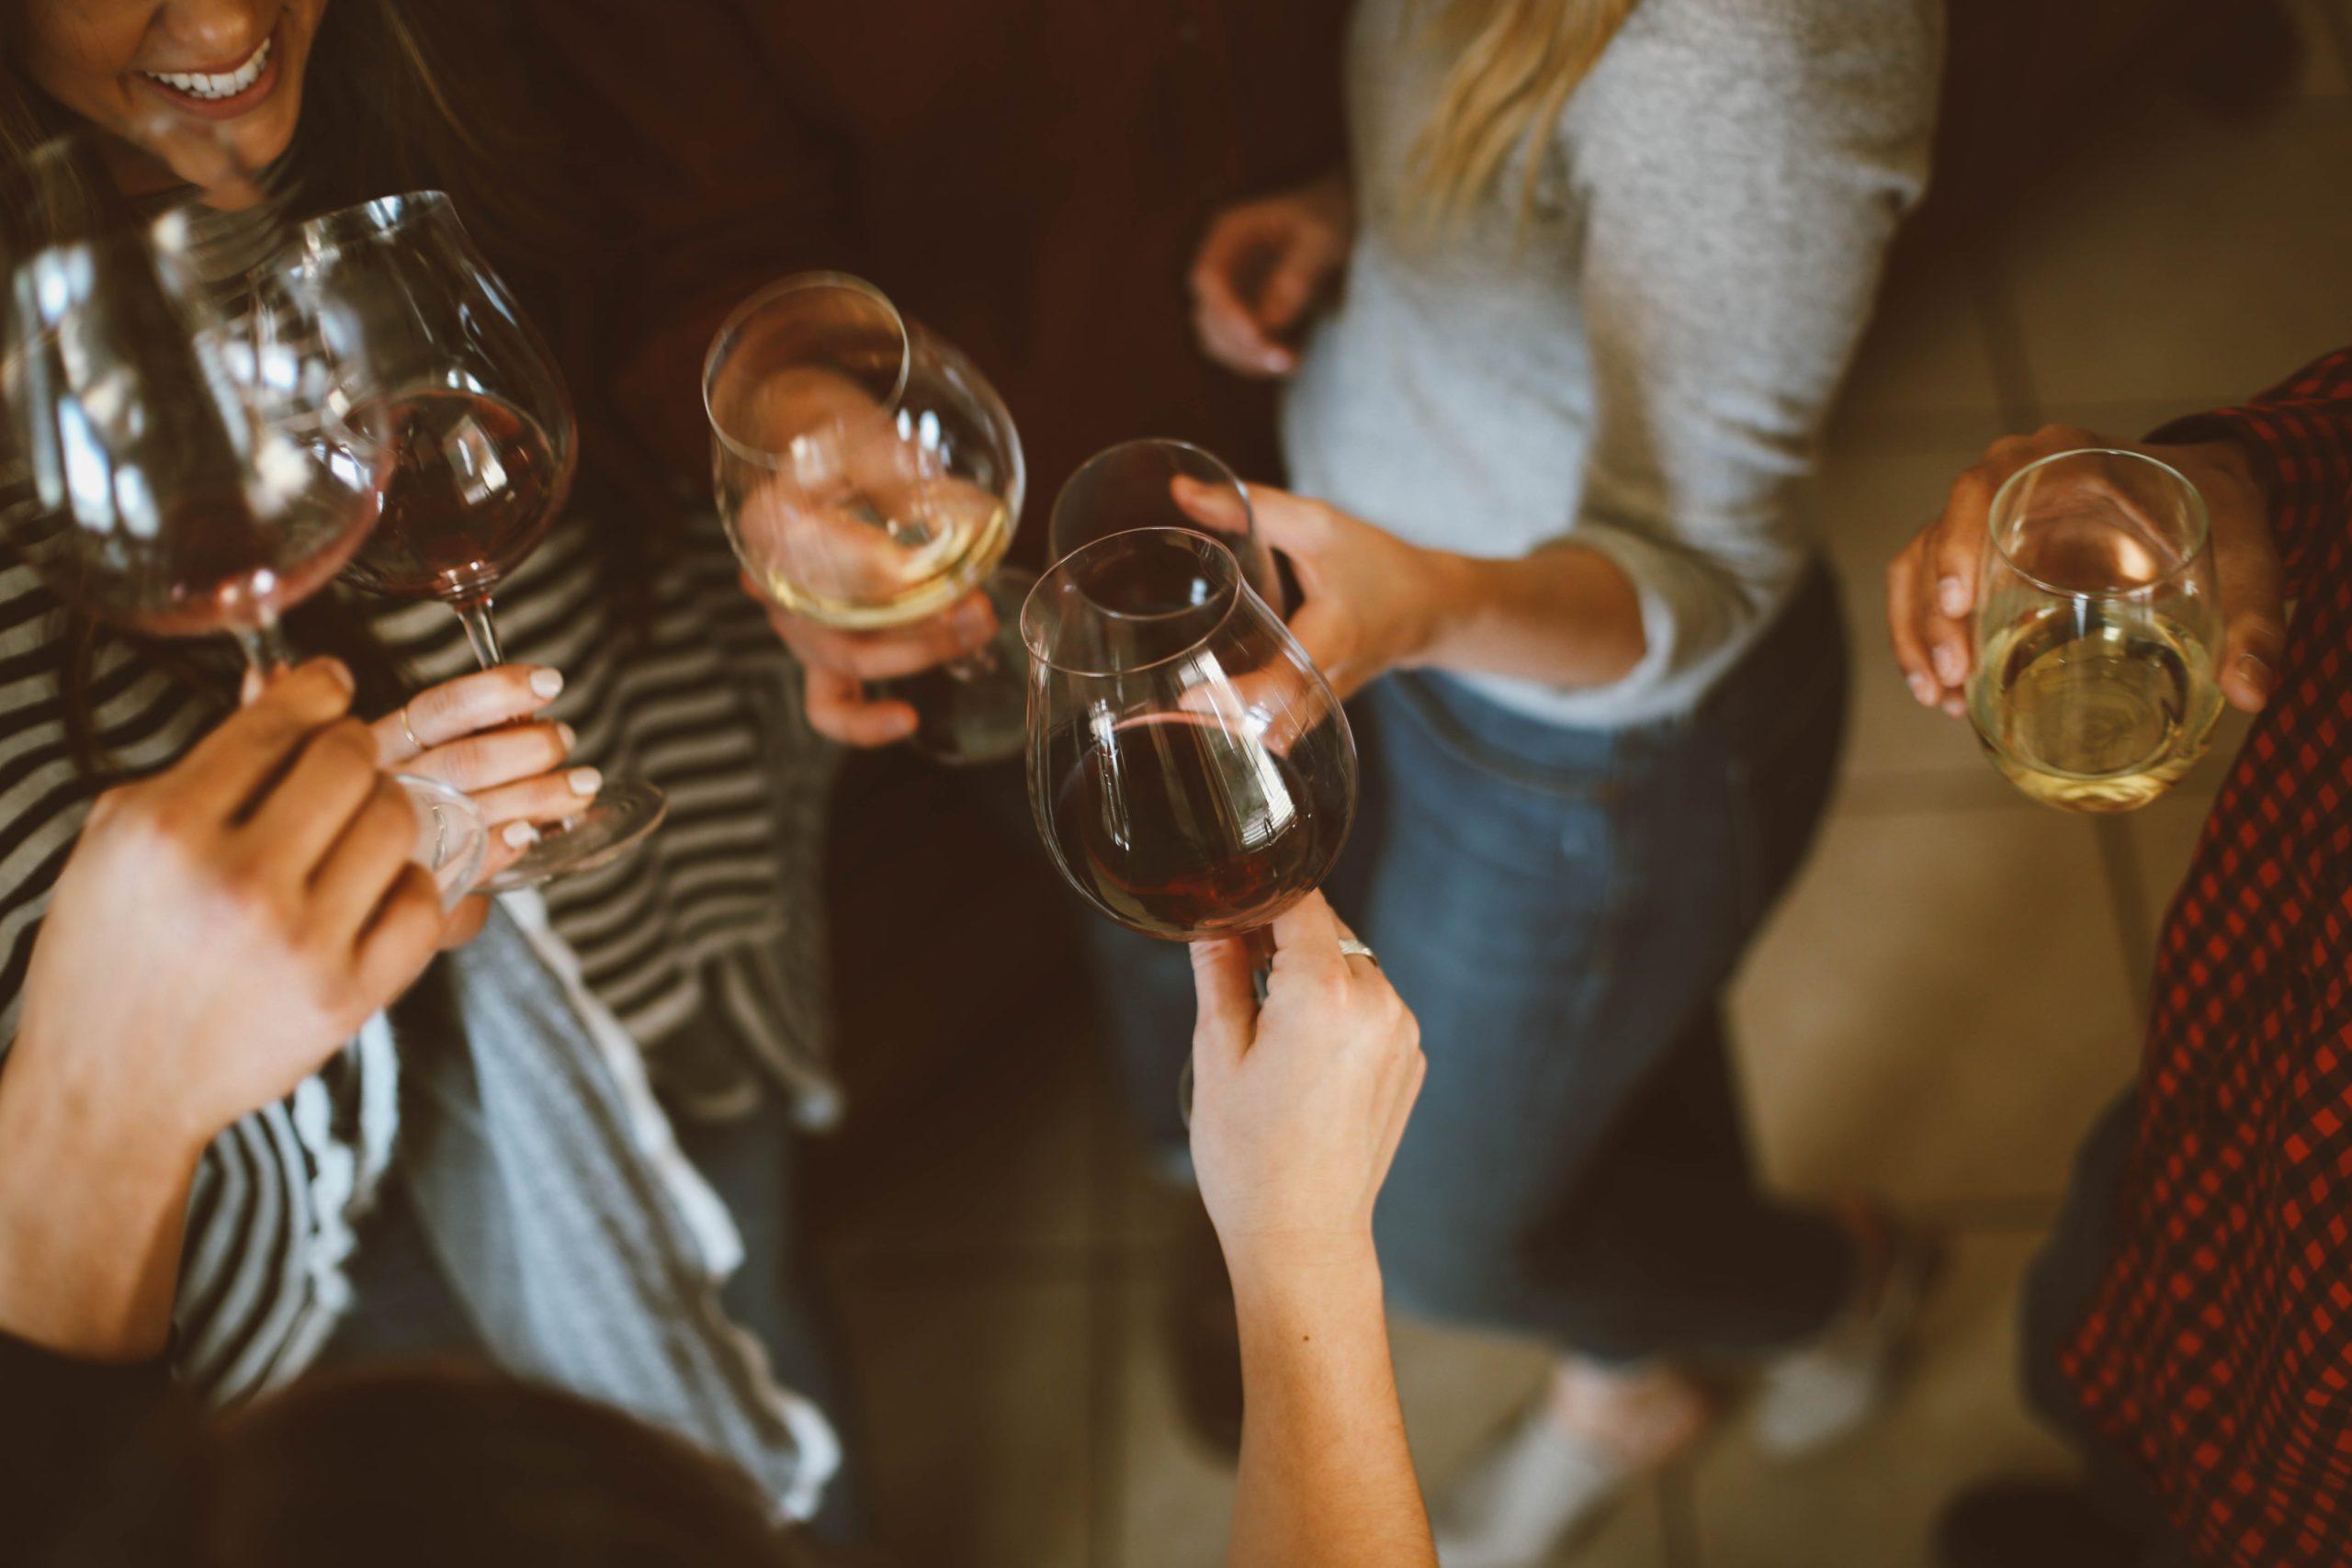 Como Medir A Temperatura Do Vinho?